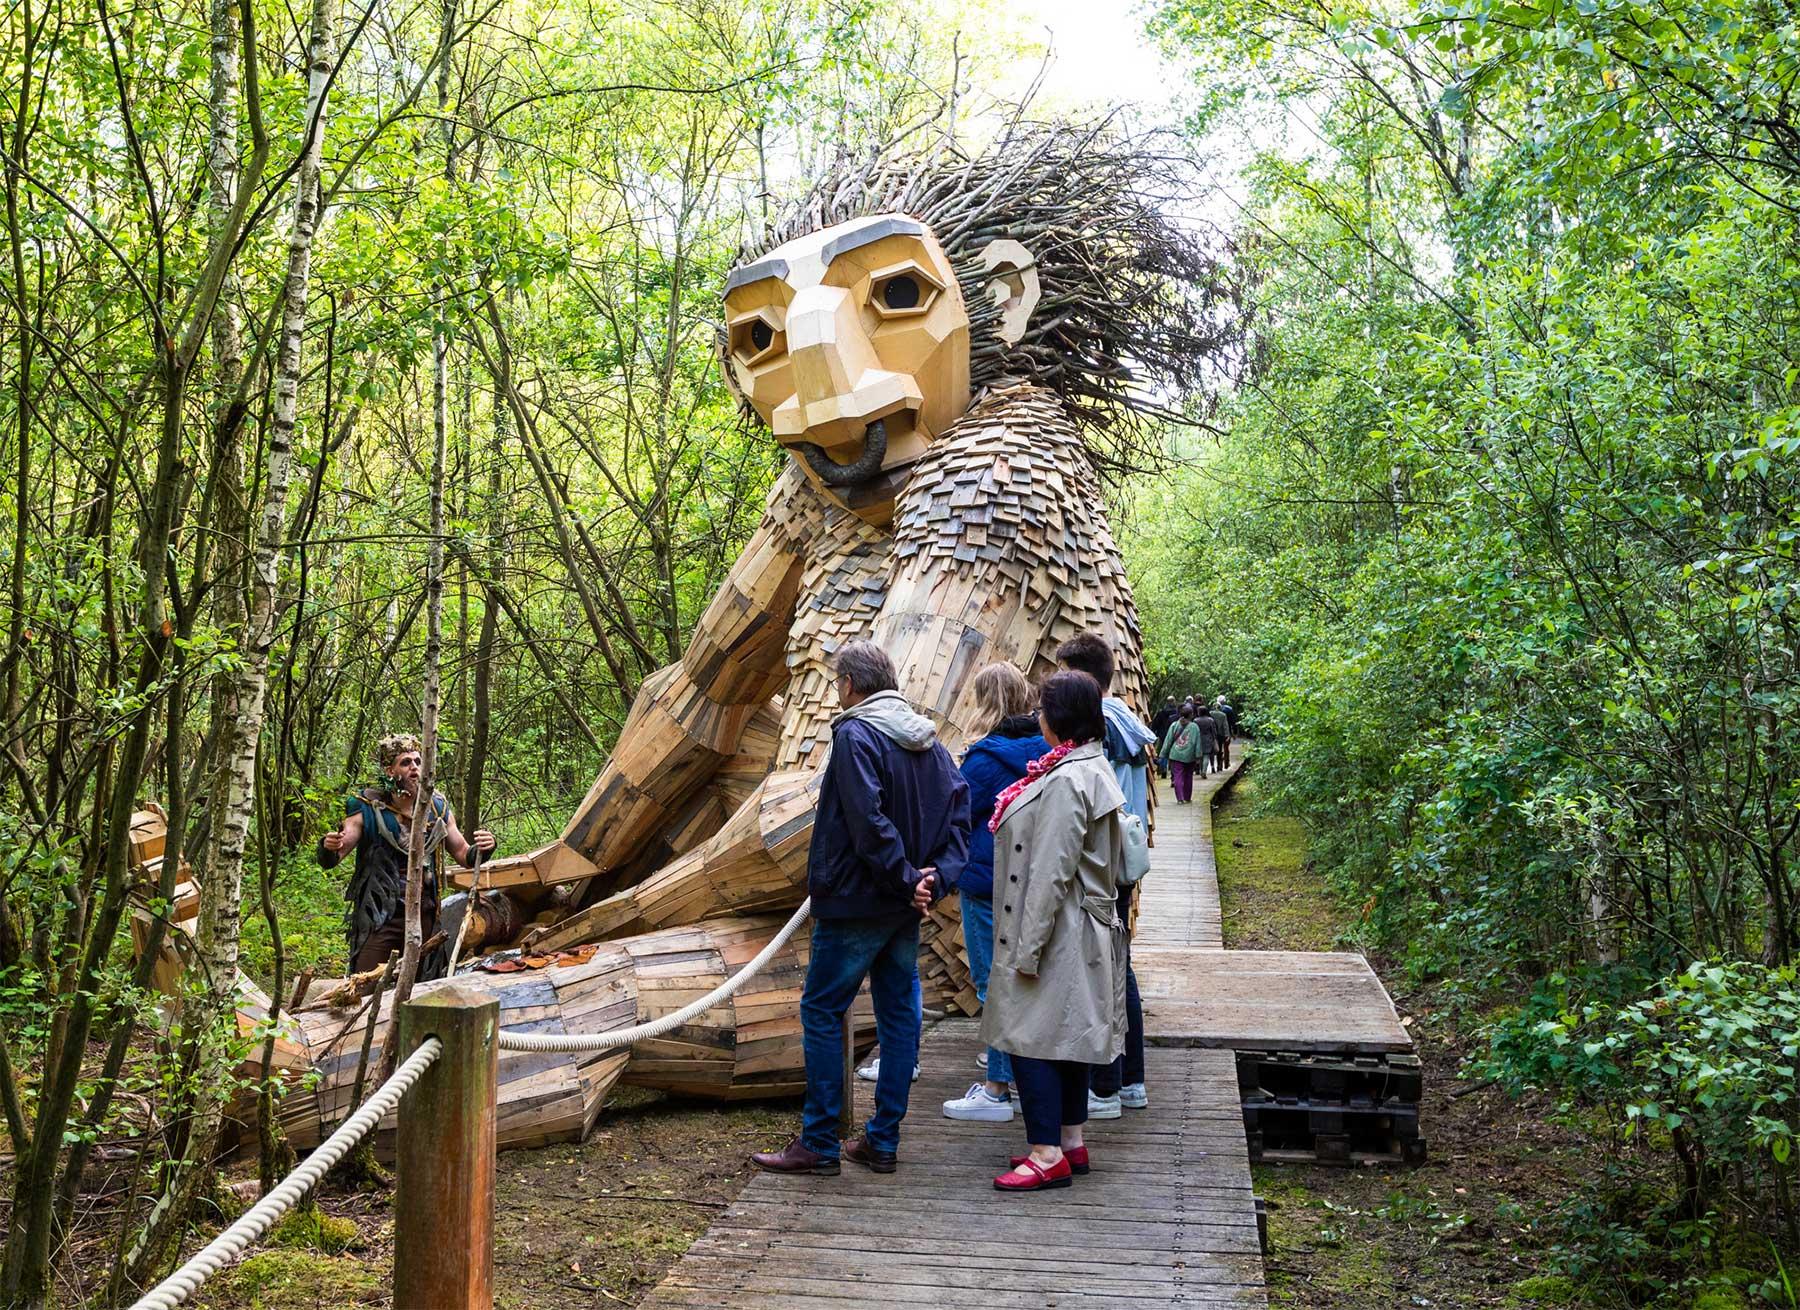 Fantastische Holzmonster im belgischen Wald Thomas-Dambo-belgien-holzriesen_01